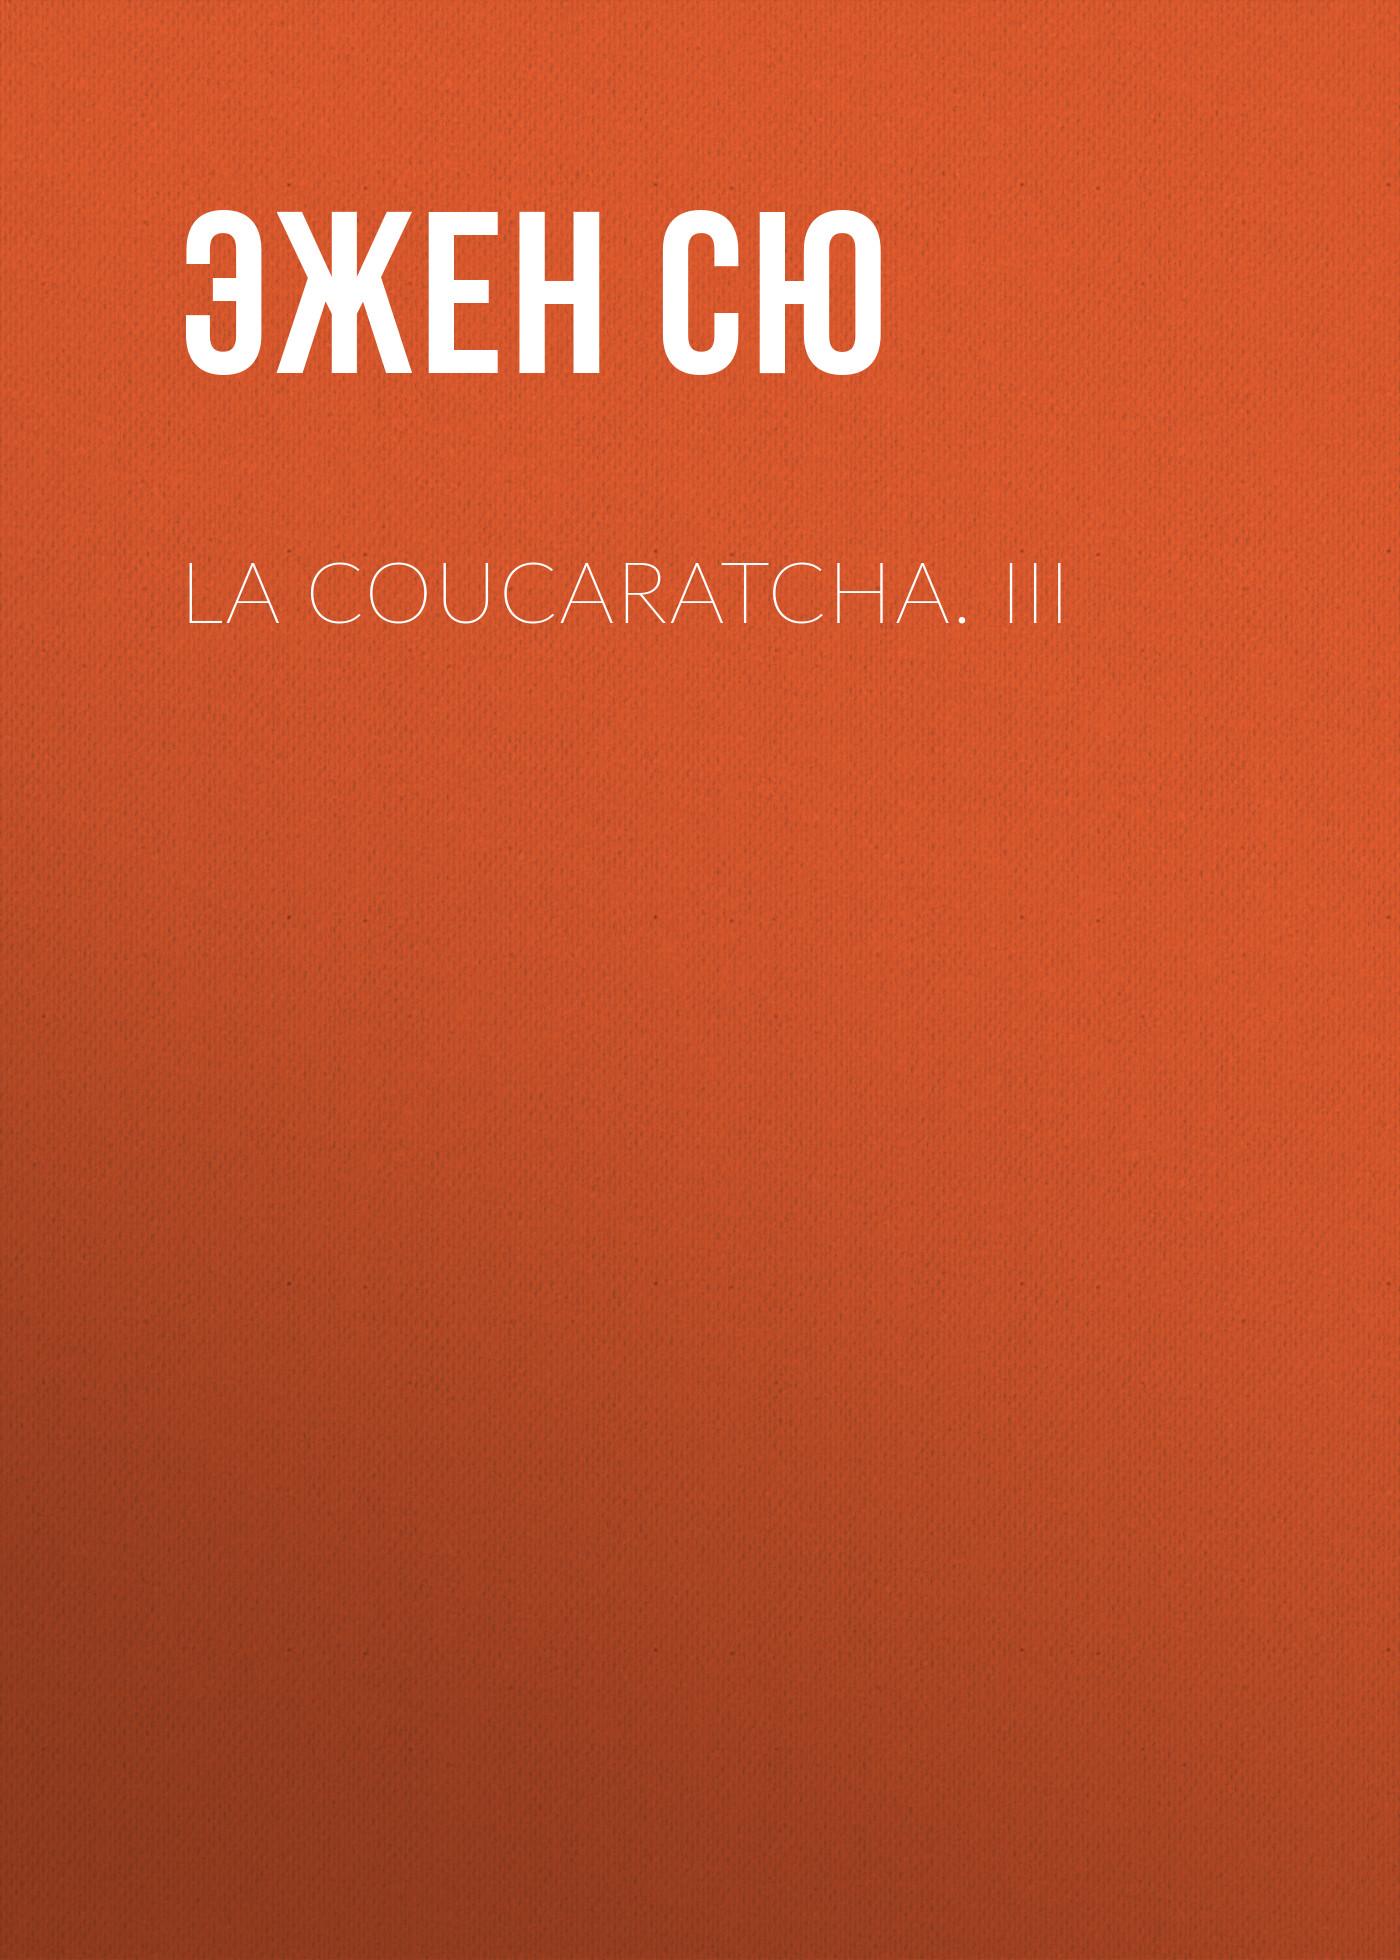 лучшая цена Эжен Сю La coucaratcha. III